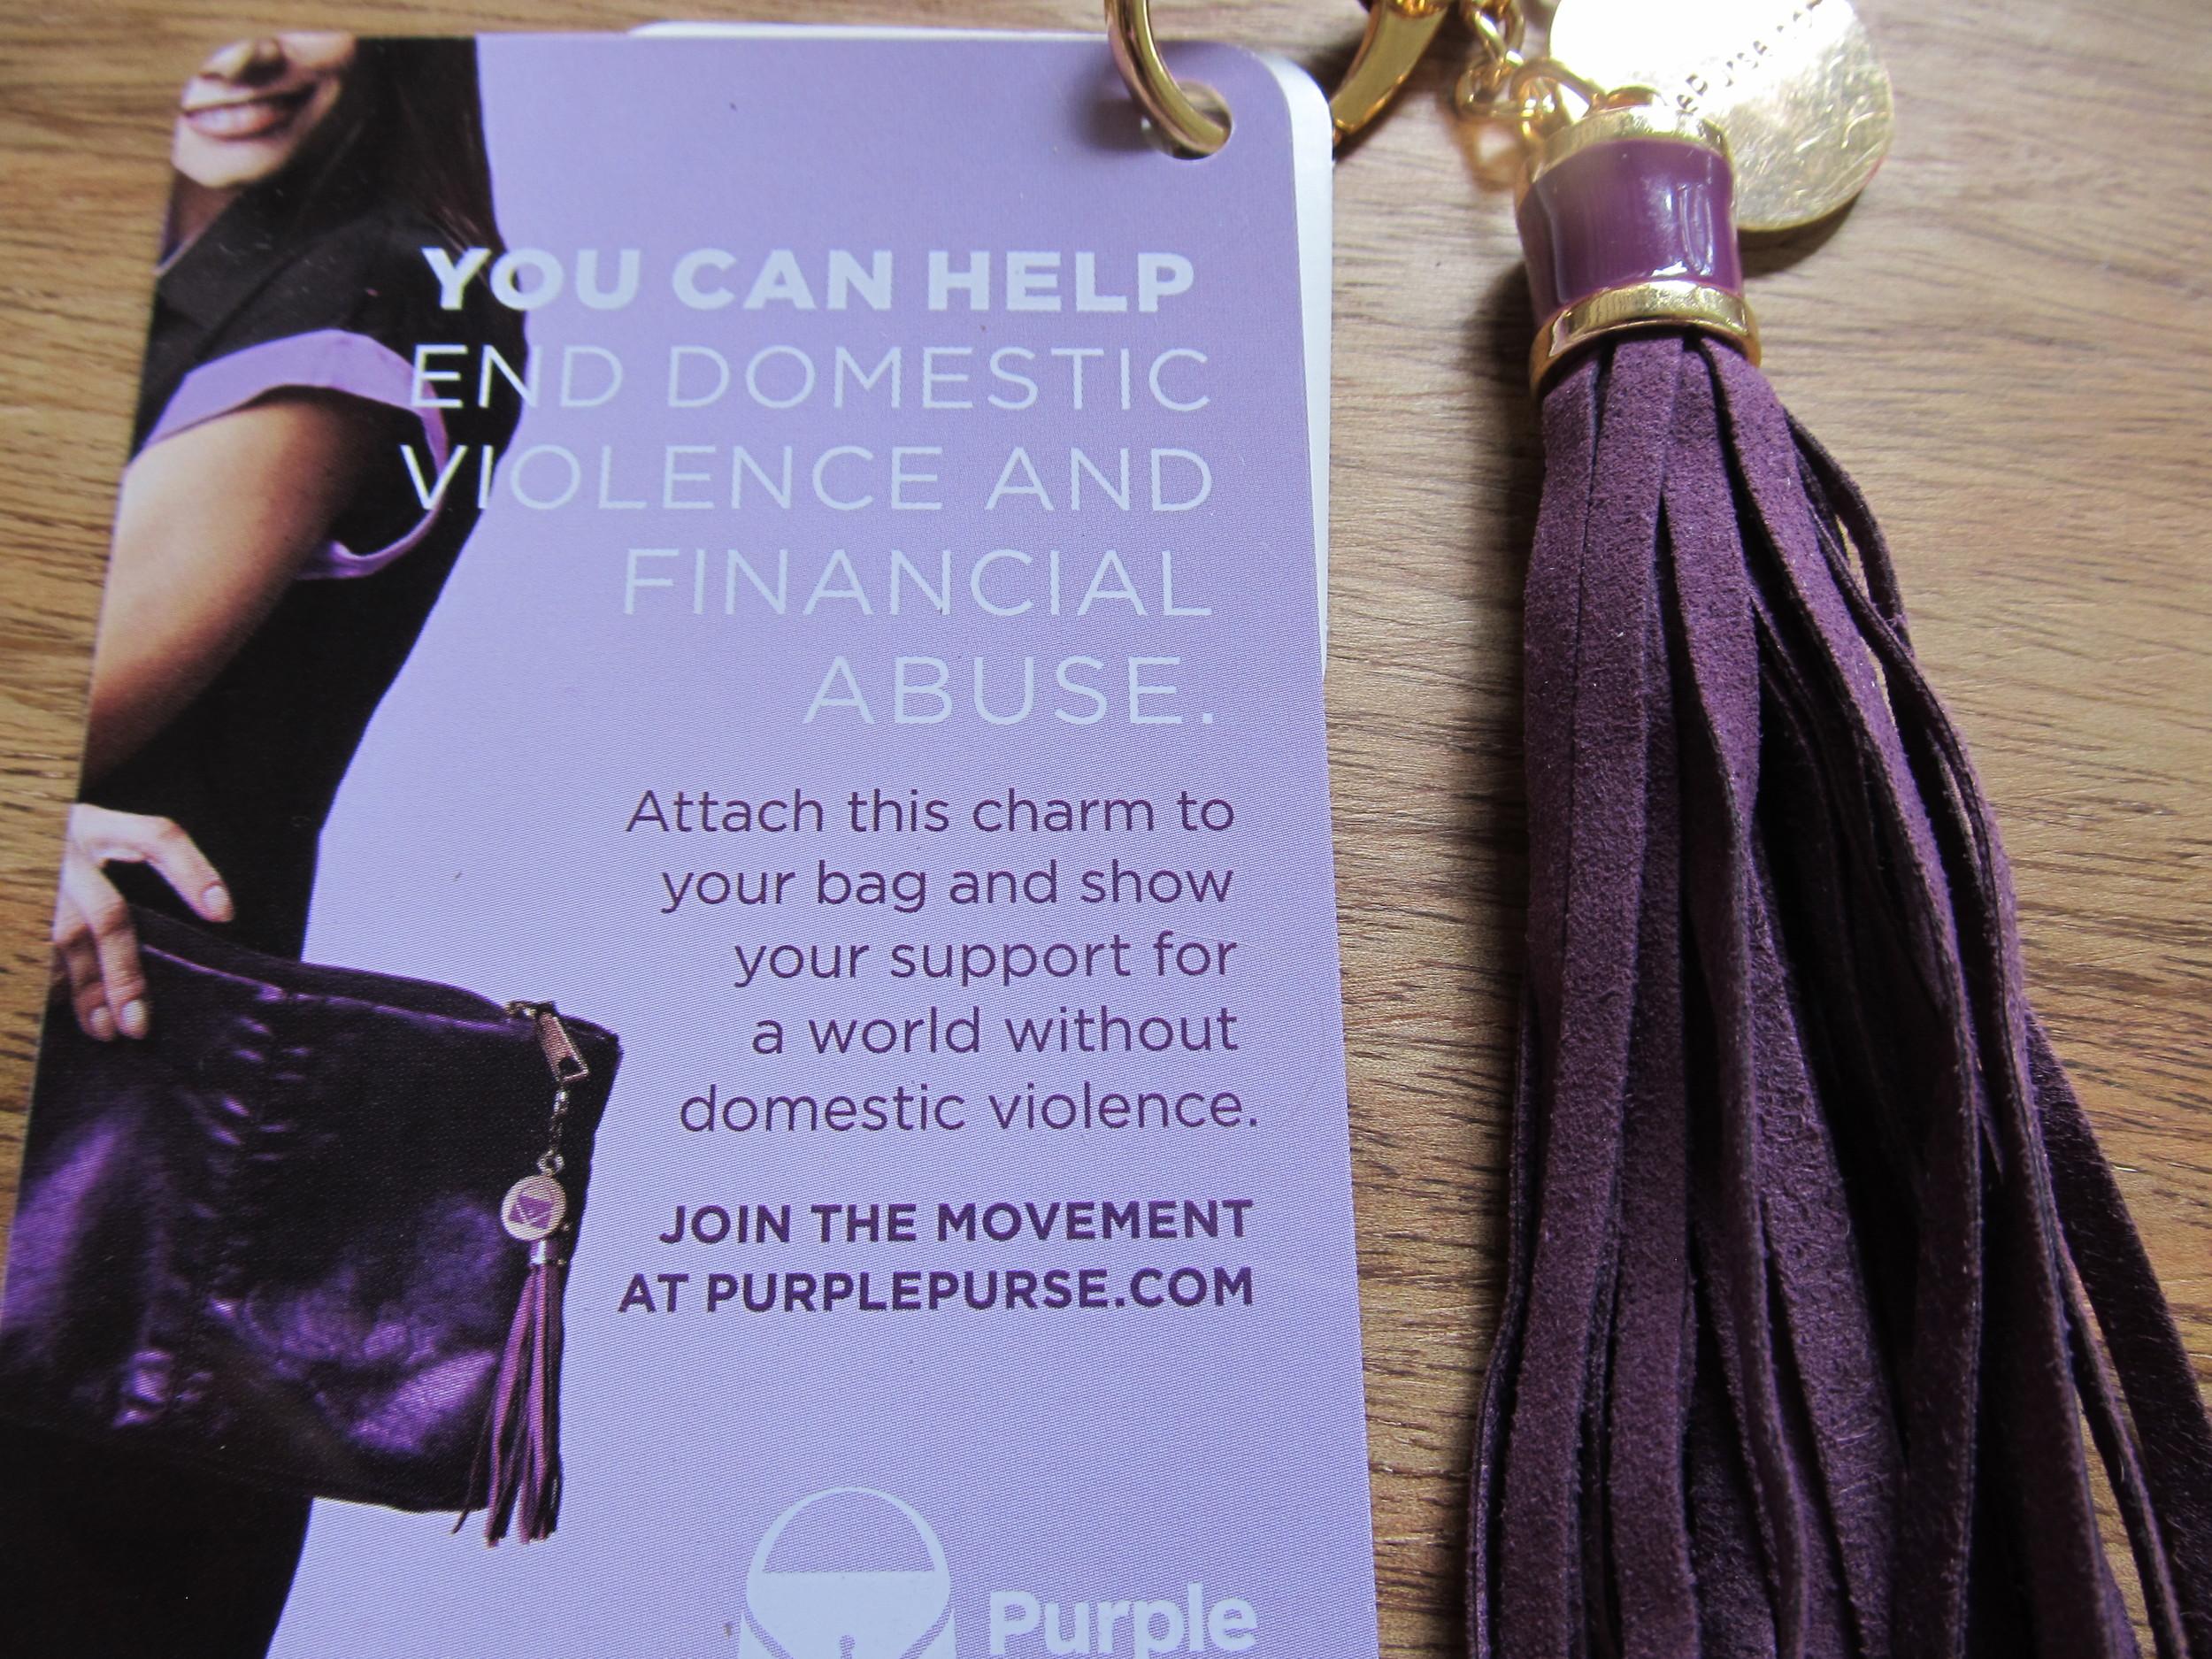 purplepurse.com